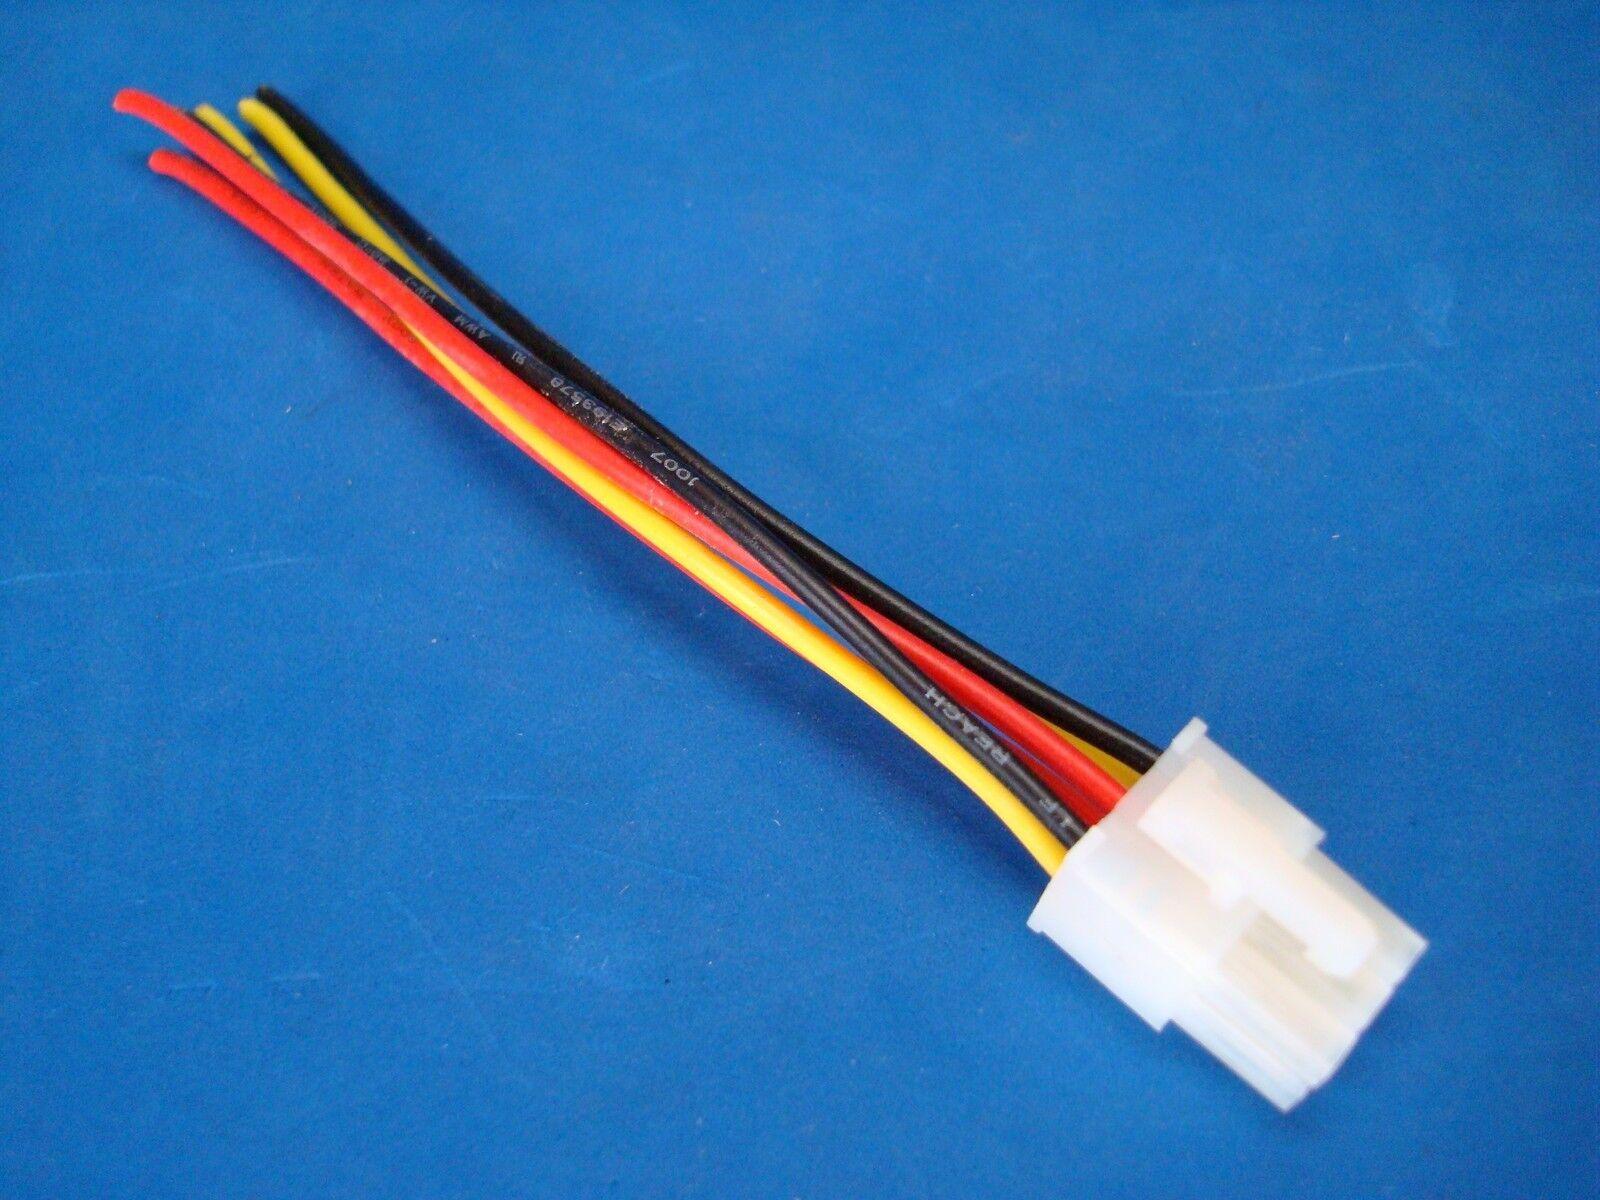 ROCKFORD FOSGATE PUNCH AMPLIFIER 6 PIN_57 rockford fosgate punch amplifier 6 pin speaker wire harness plug